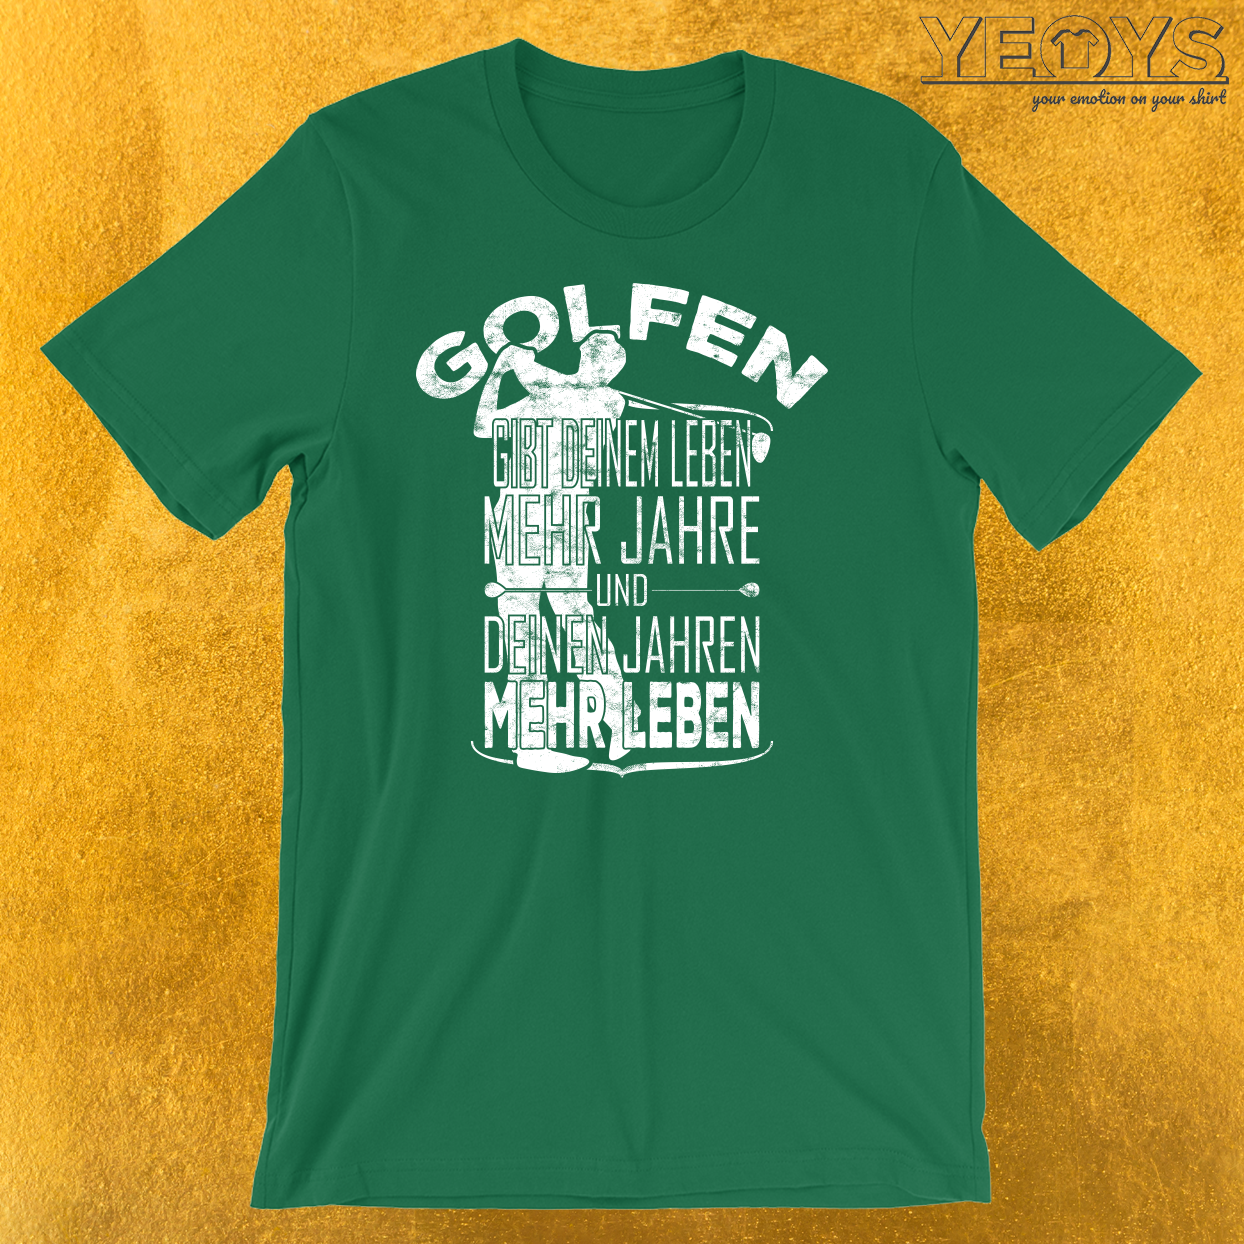 Golfen gibt deinem Leben mehr Jahre T-Shirt